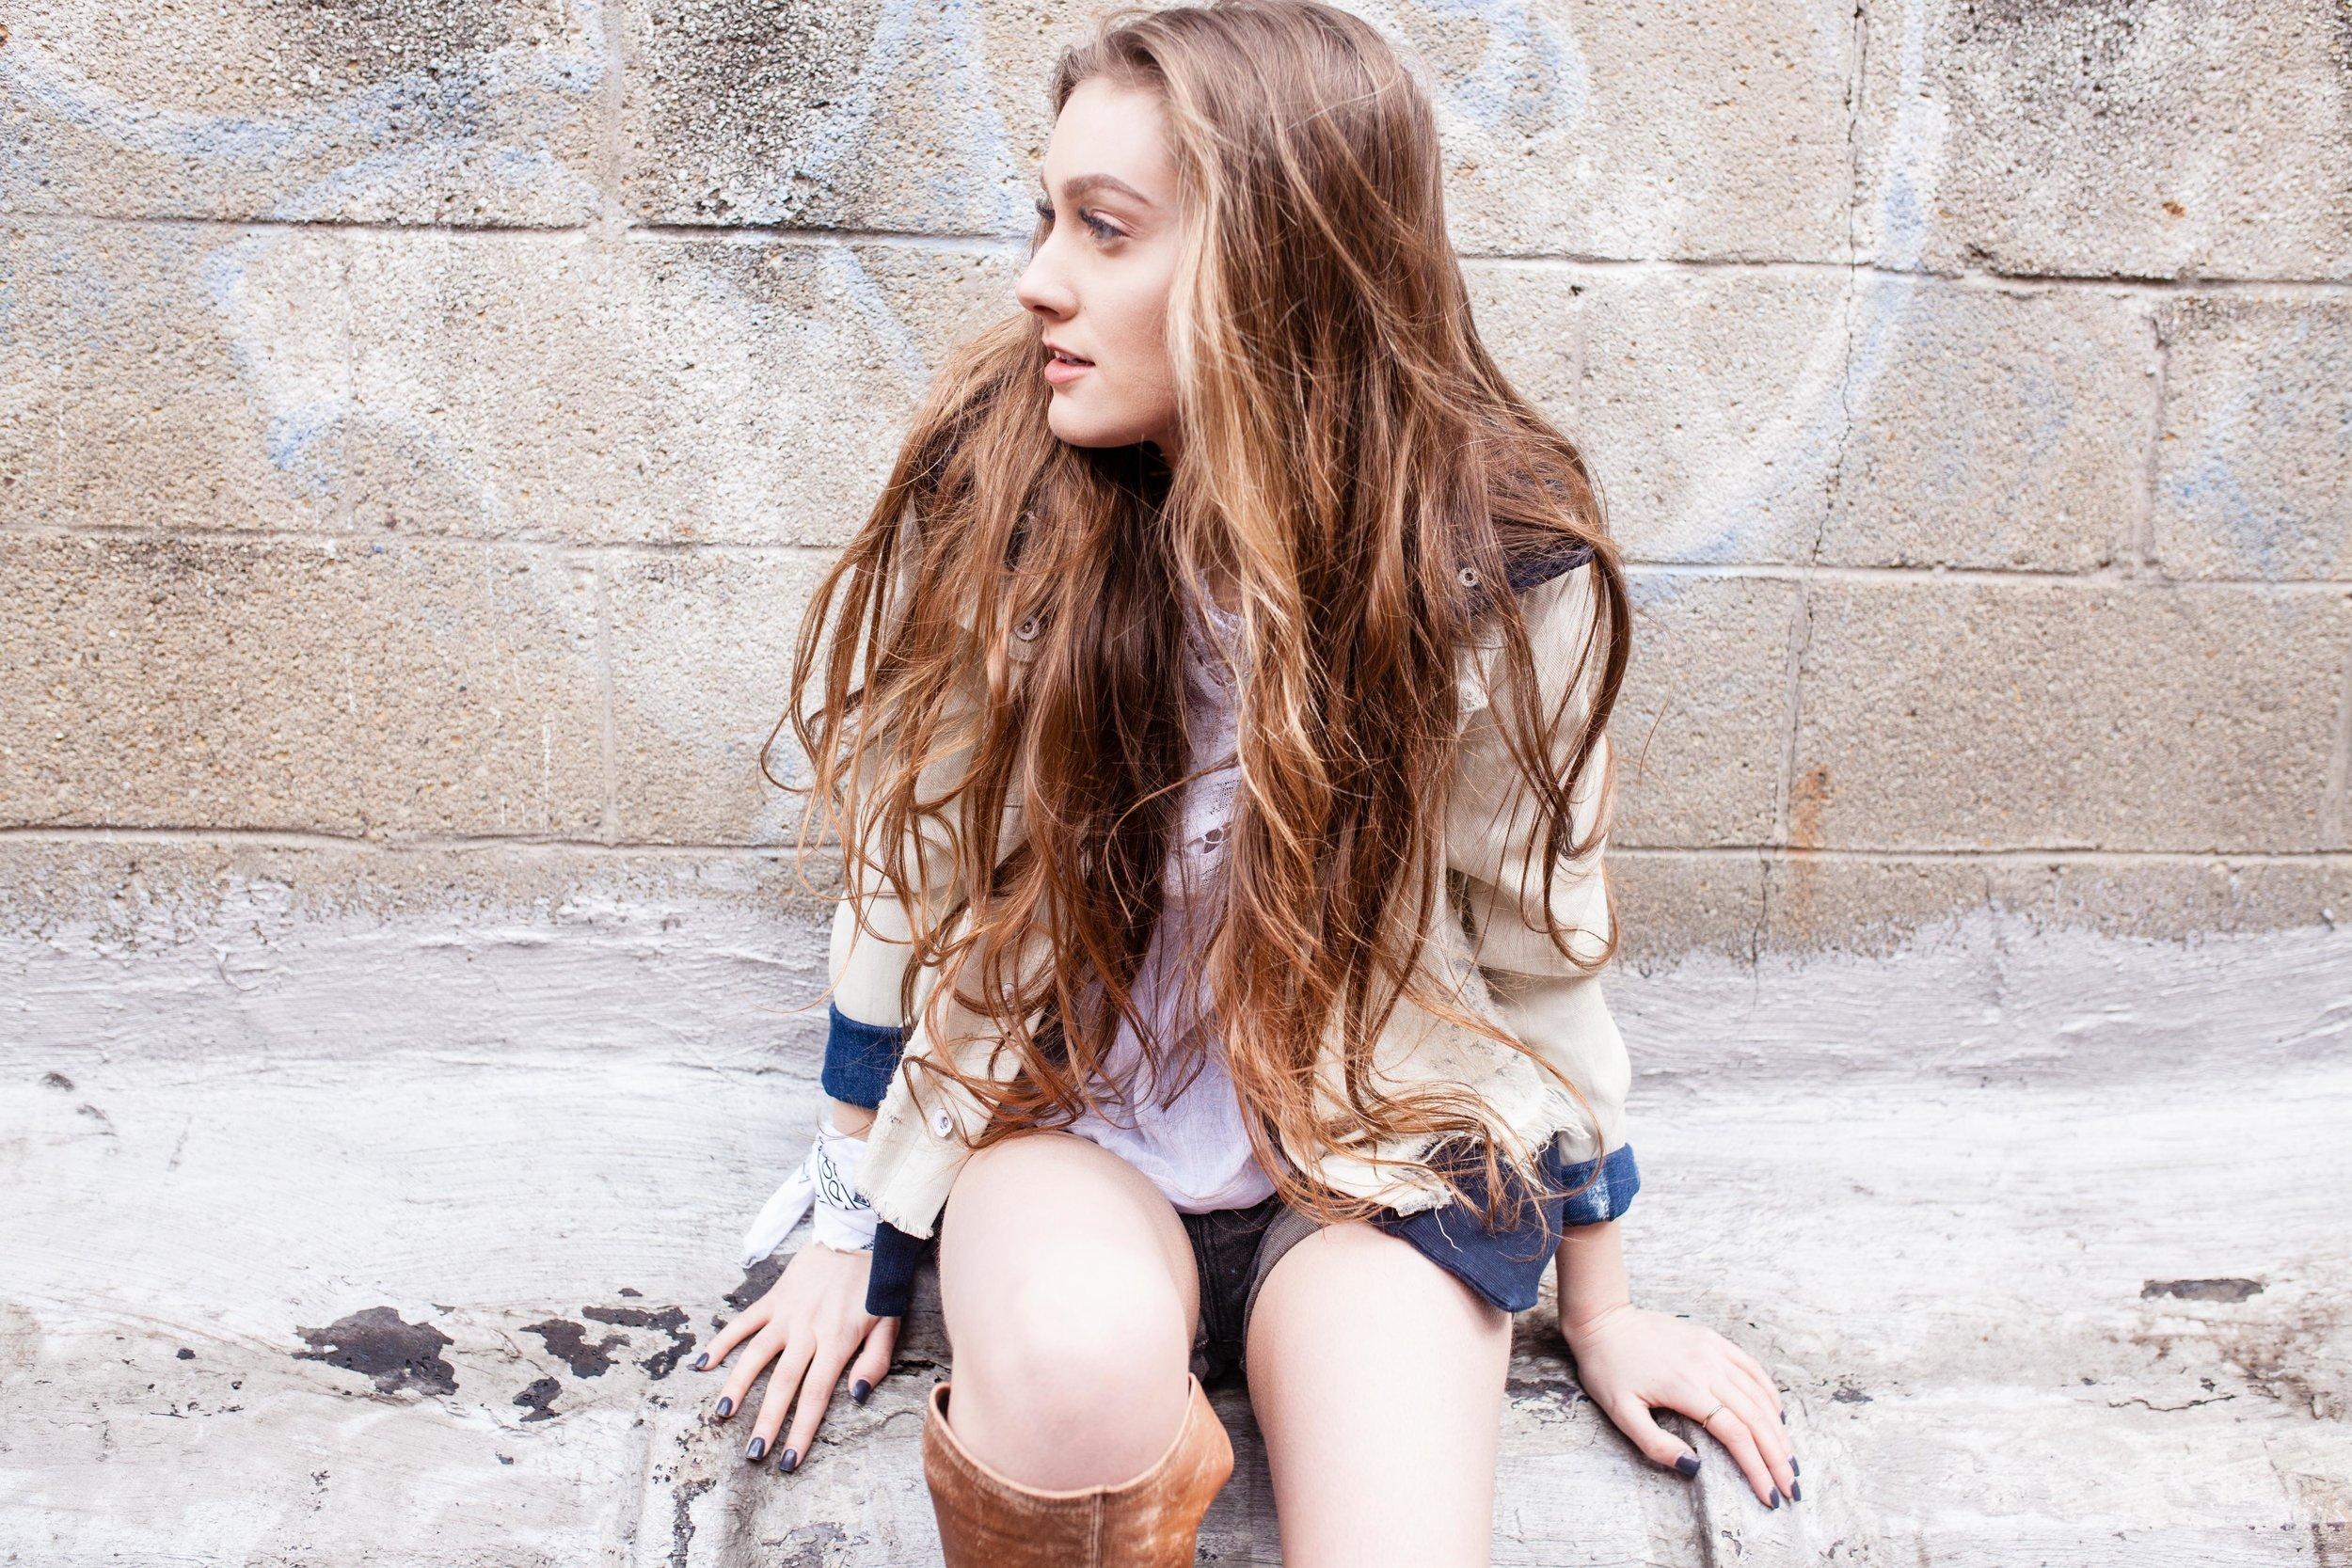 model: @rachel_luree  photo/styling: @elow24